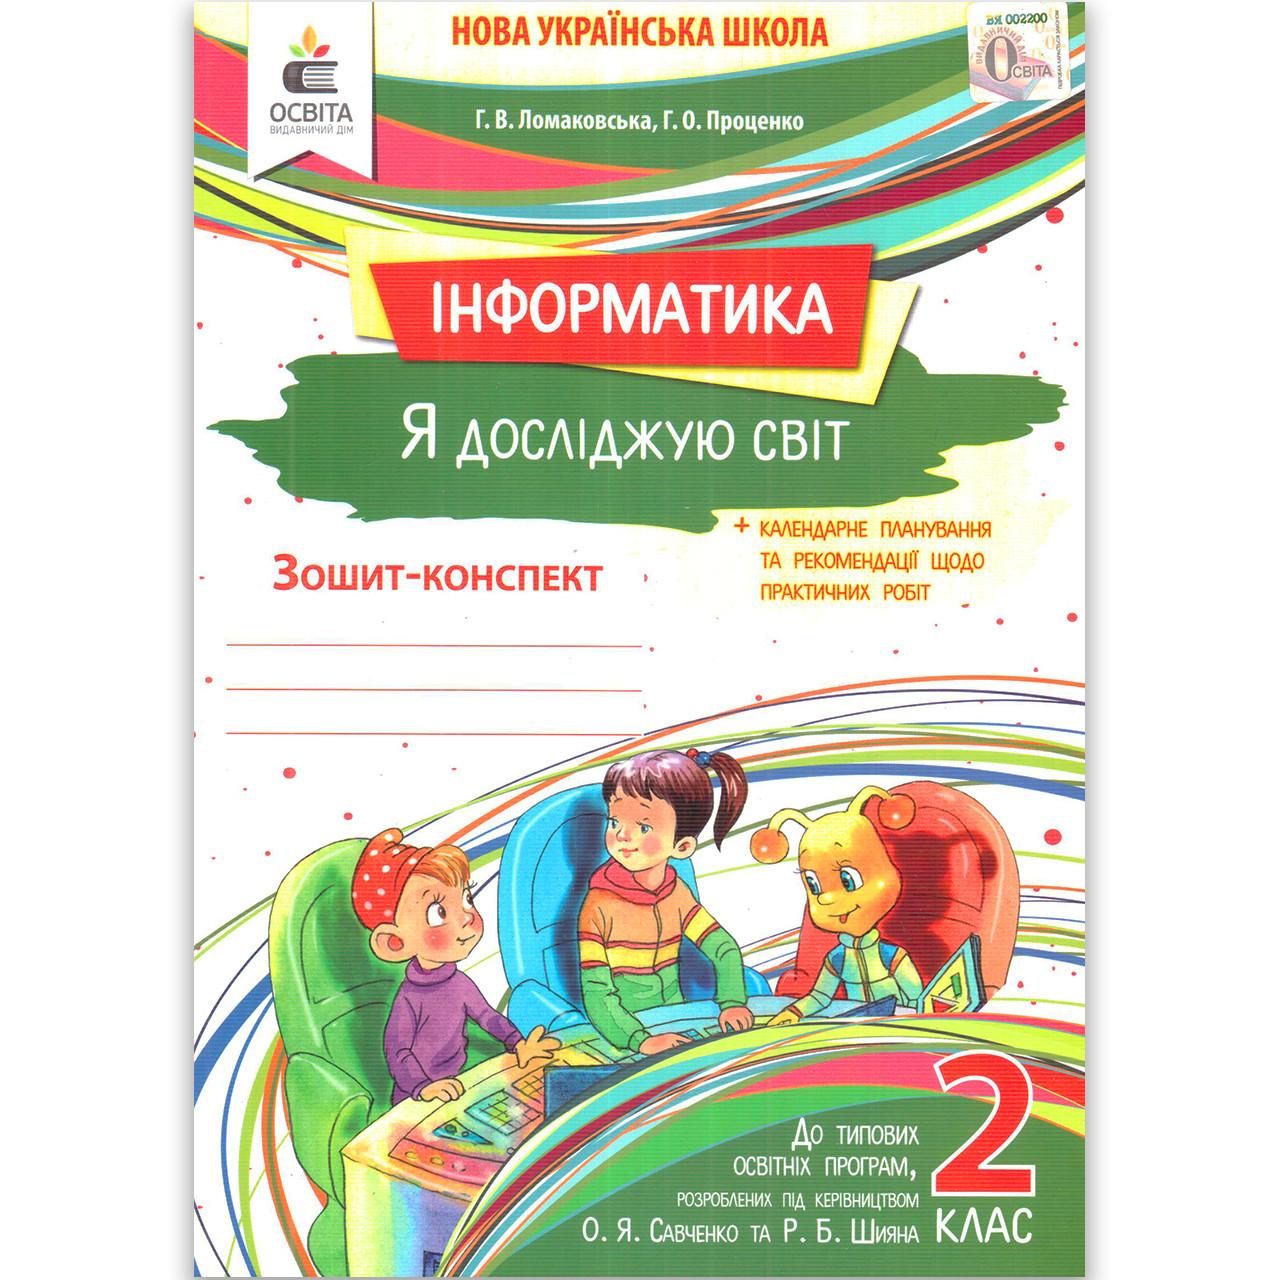 Зошит конспект Інформатика Я досліджую світ 2 клас Авт: Ломаковська Г. Вид: Освіта